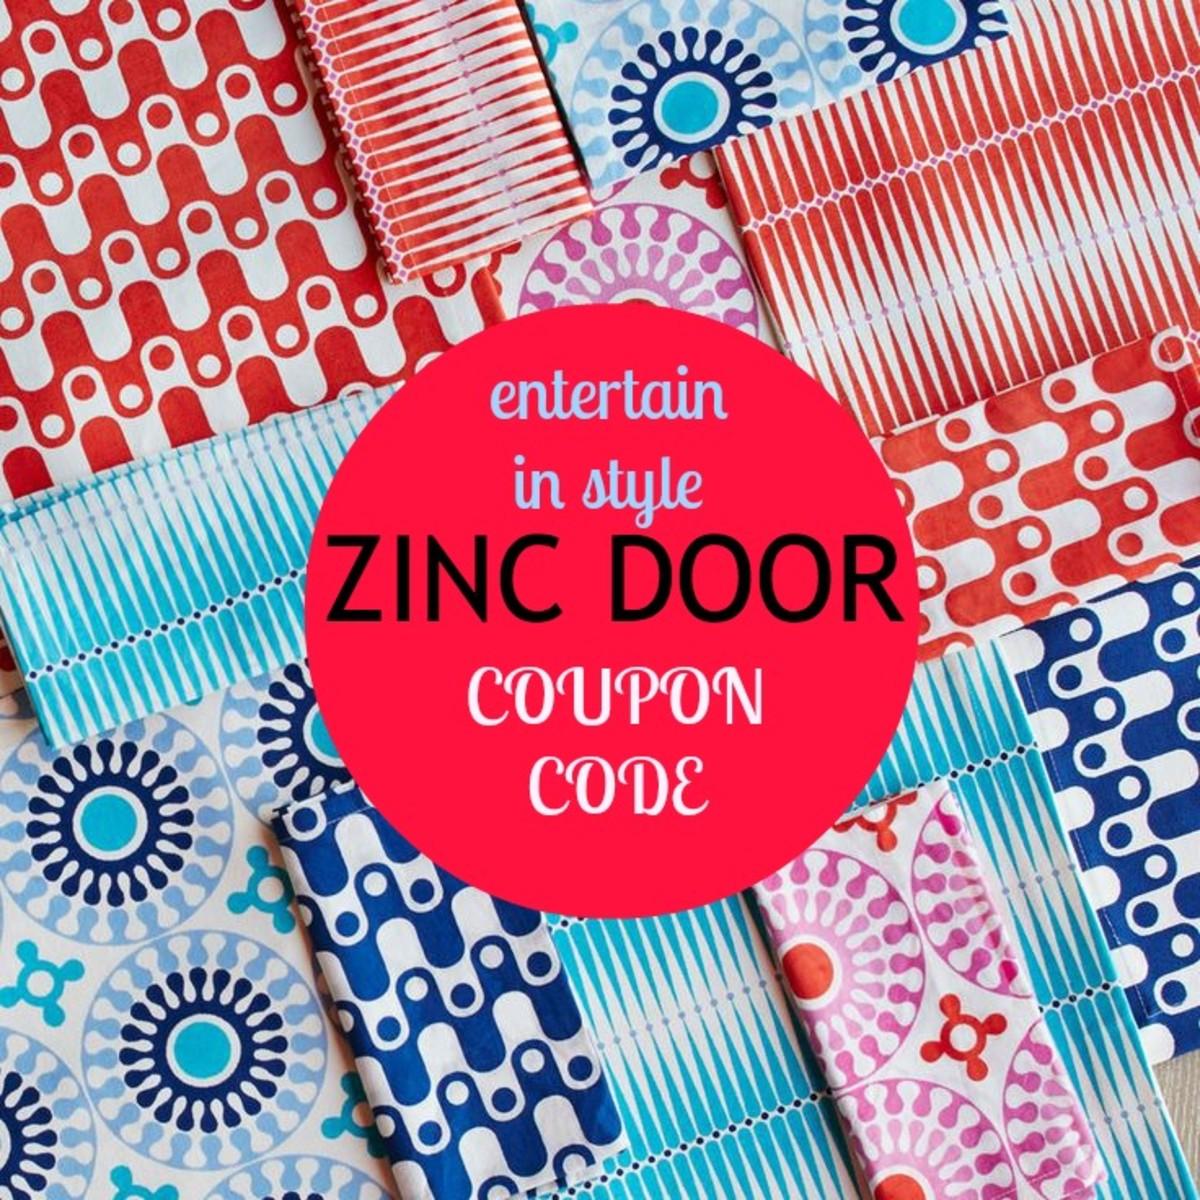 zinc door coupon code